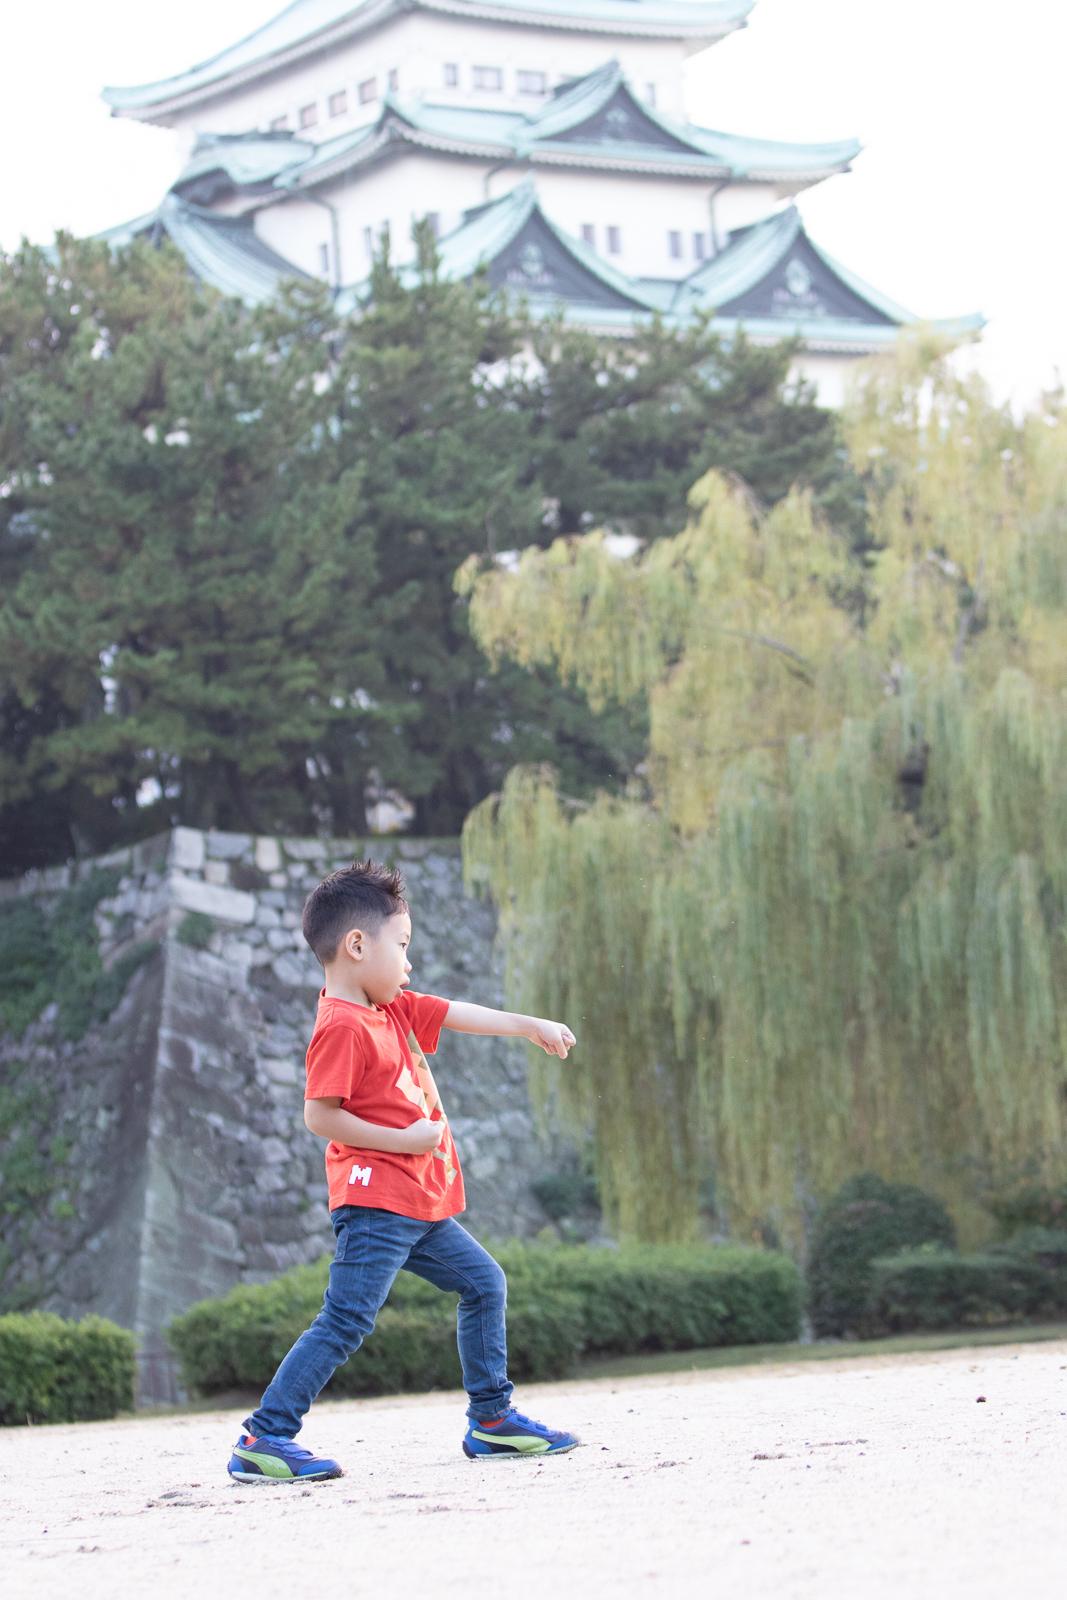 Nagoya Castle/Meijo Koen